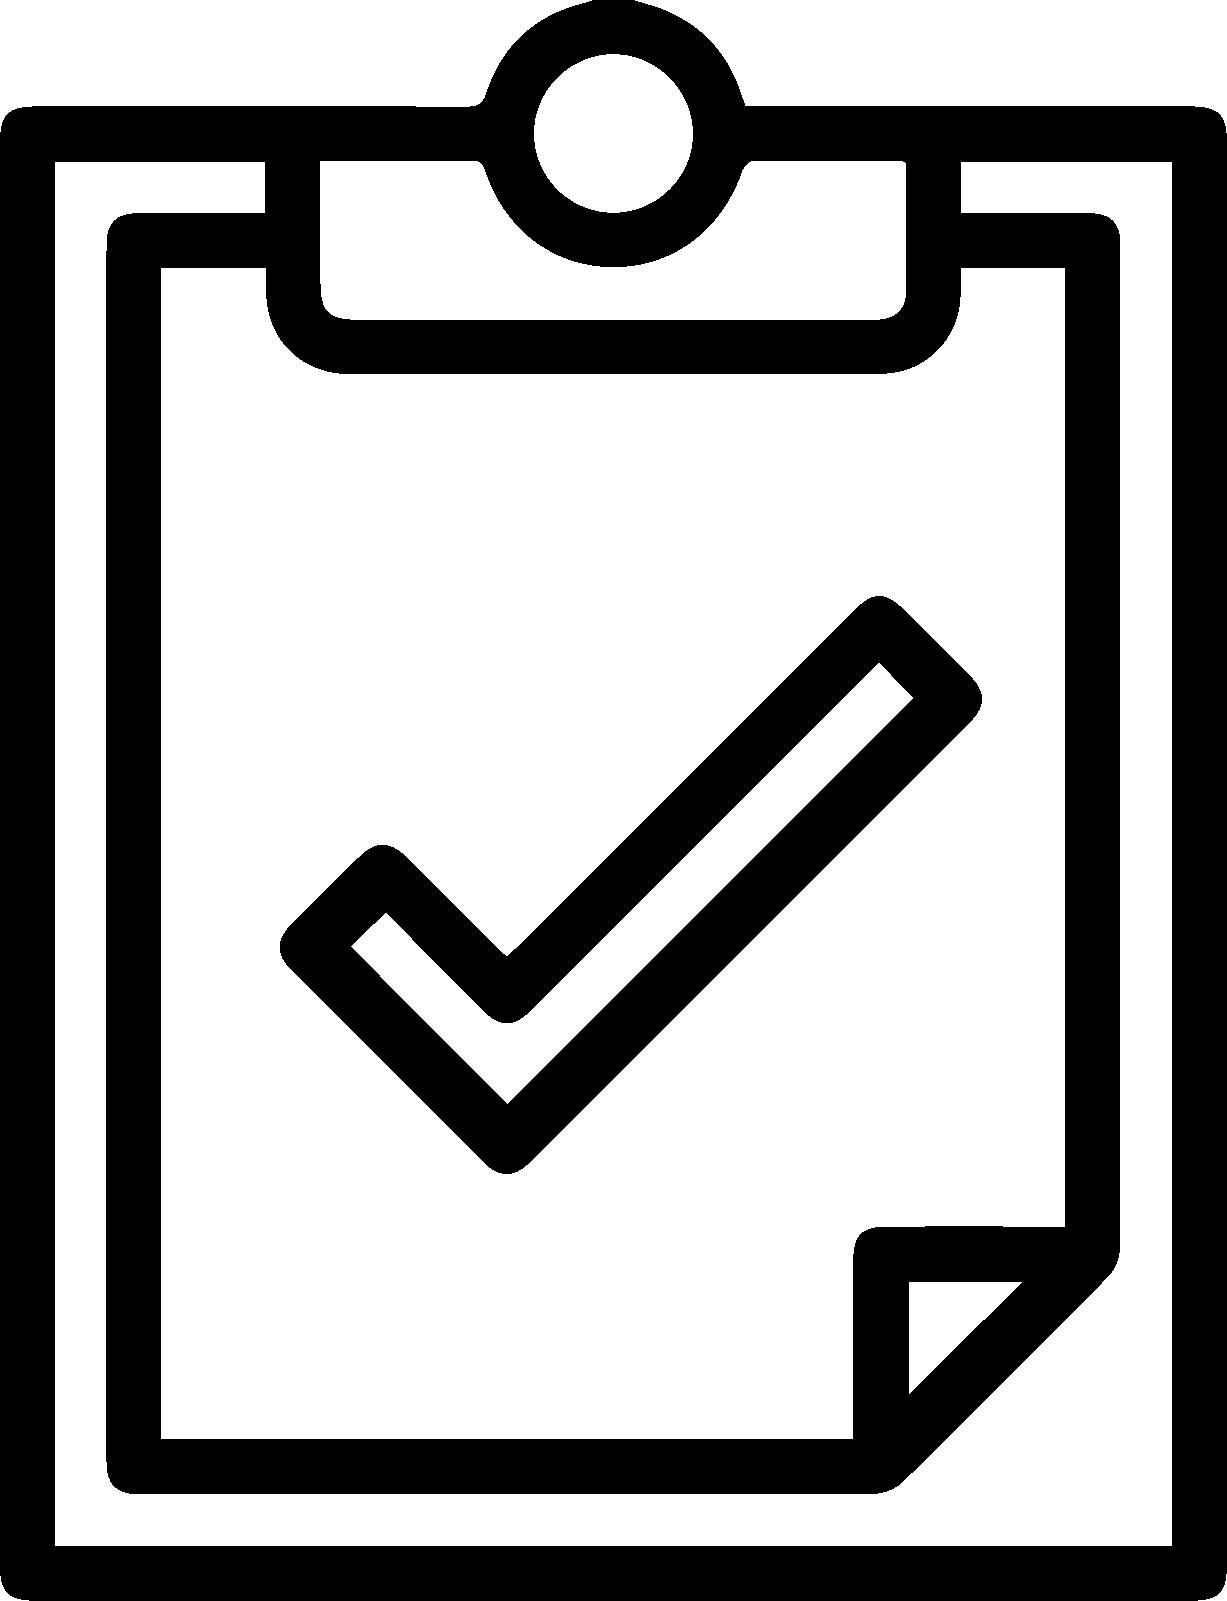 icone bat numerique gratuit revendeurs